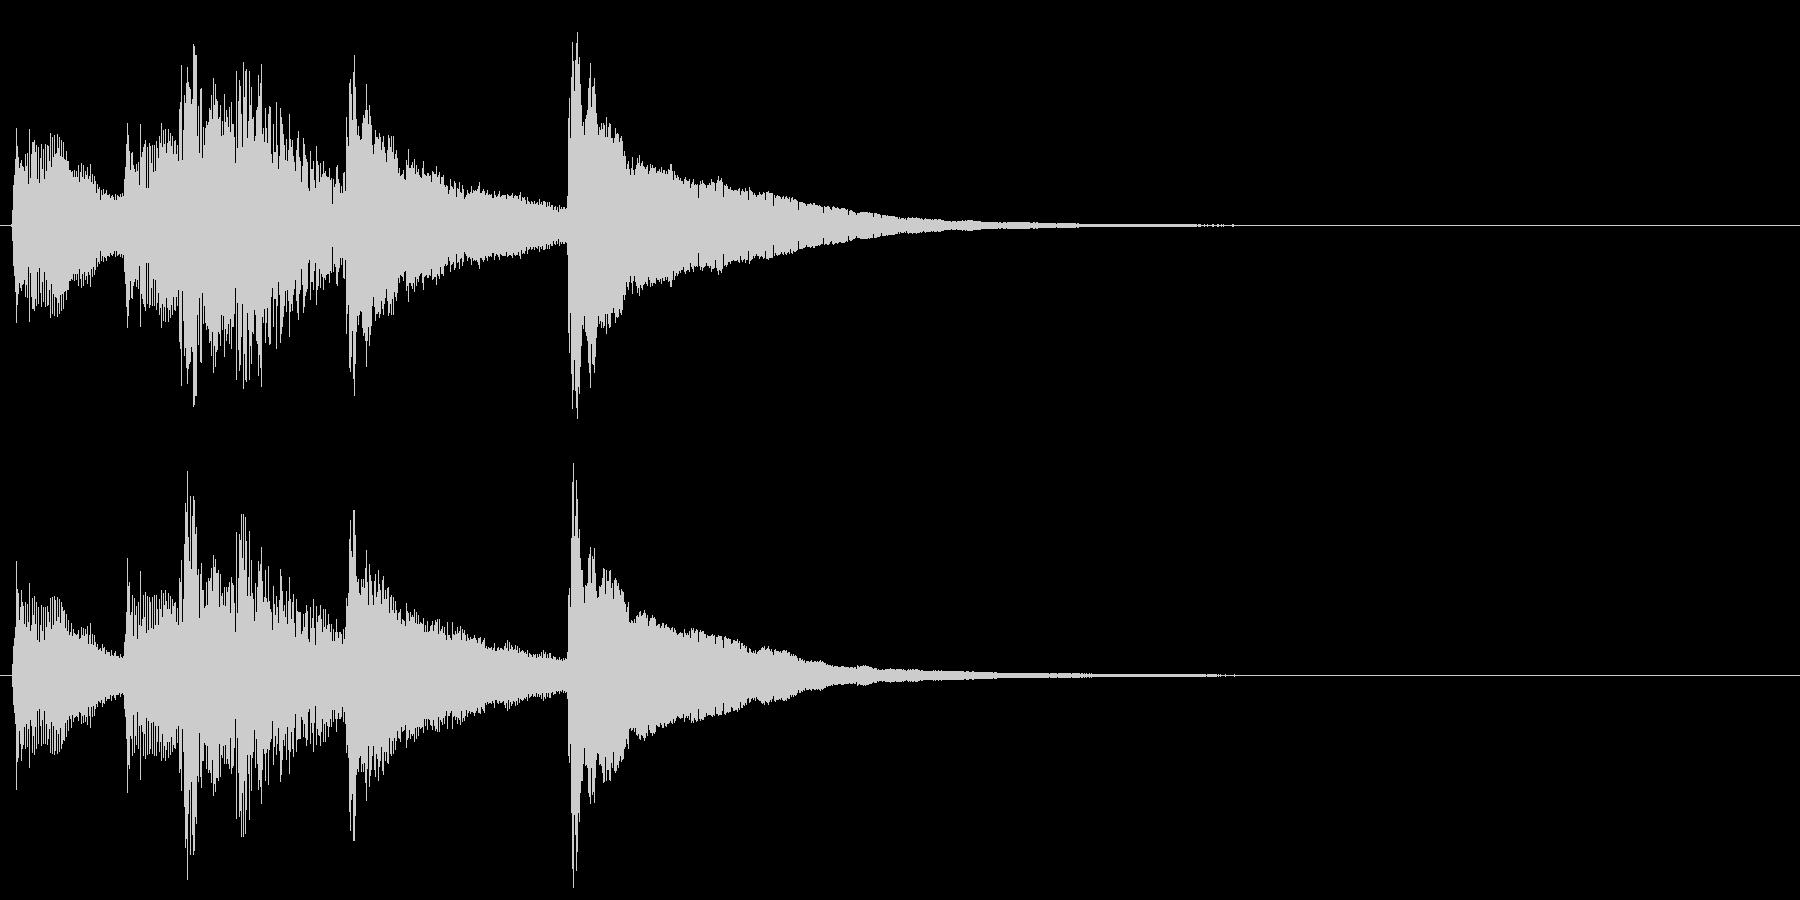 6,明るめのサウンドロゴ (3秒ロゴ)の未再生の波形